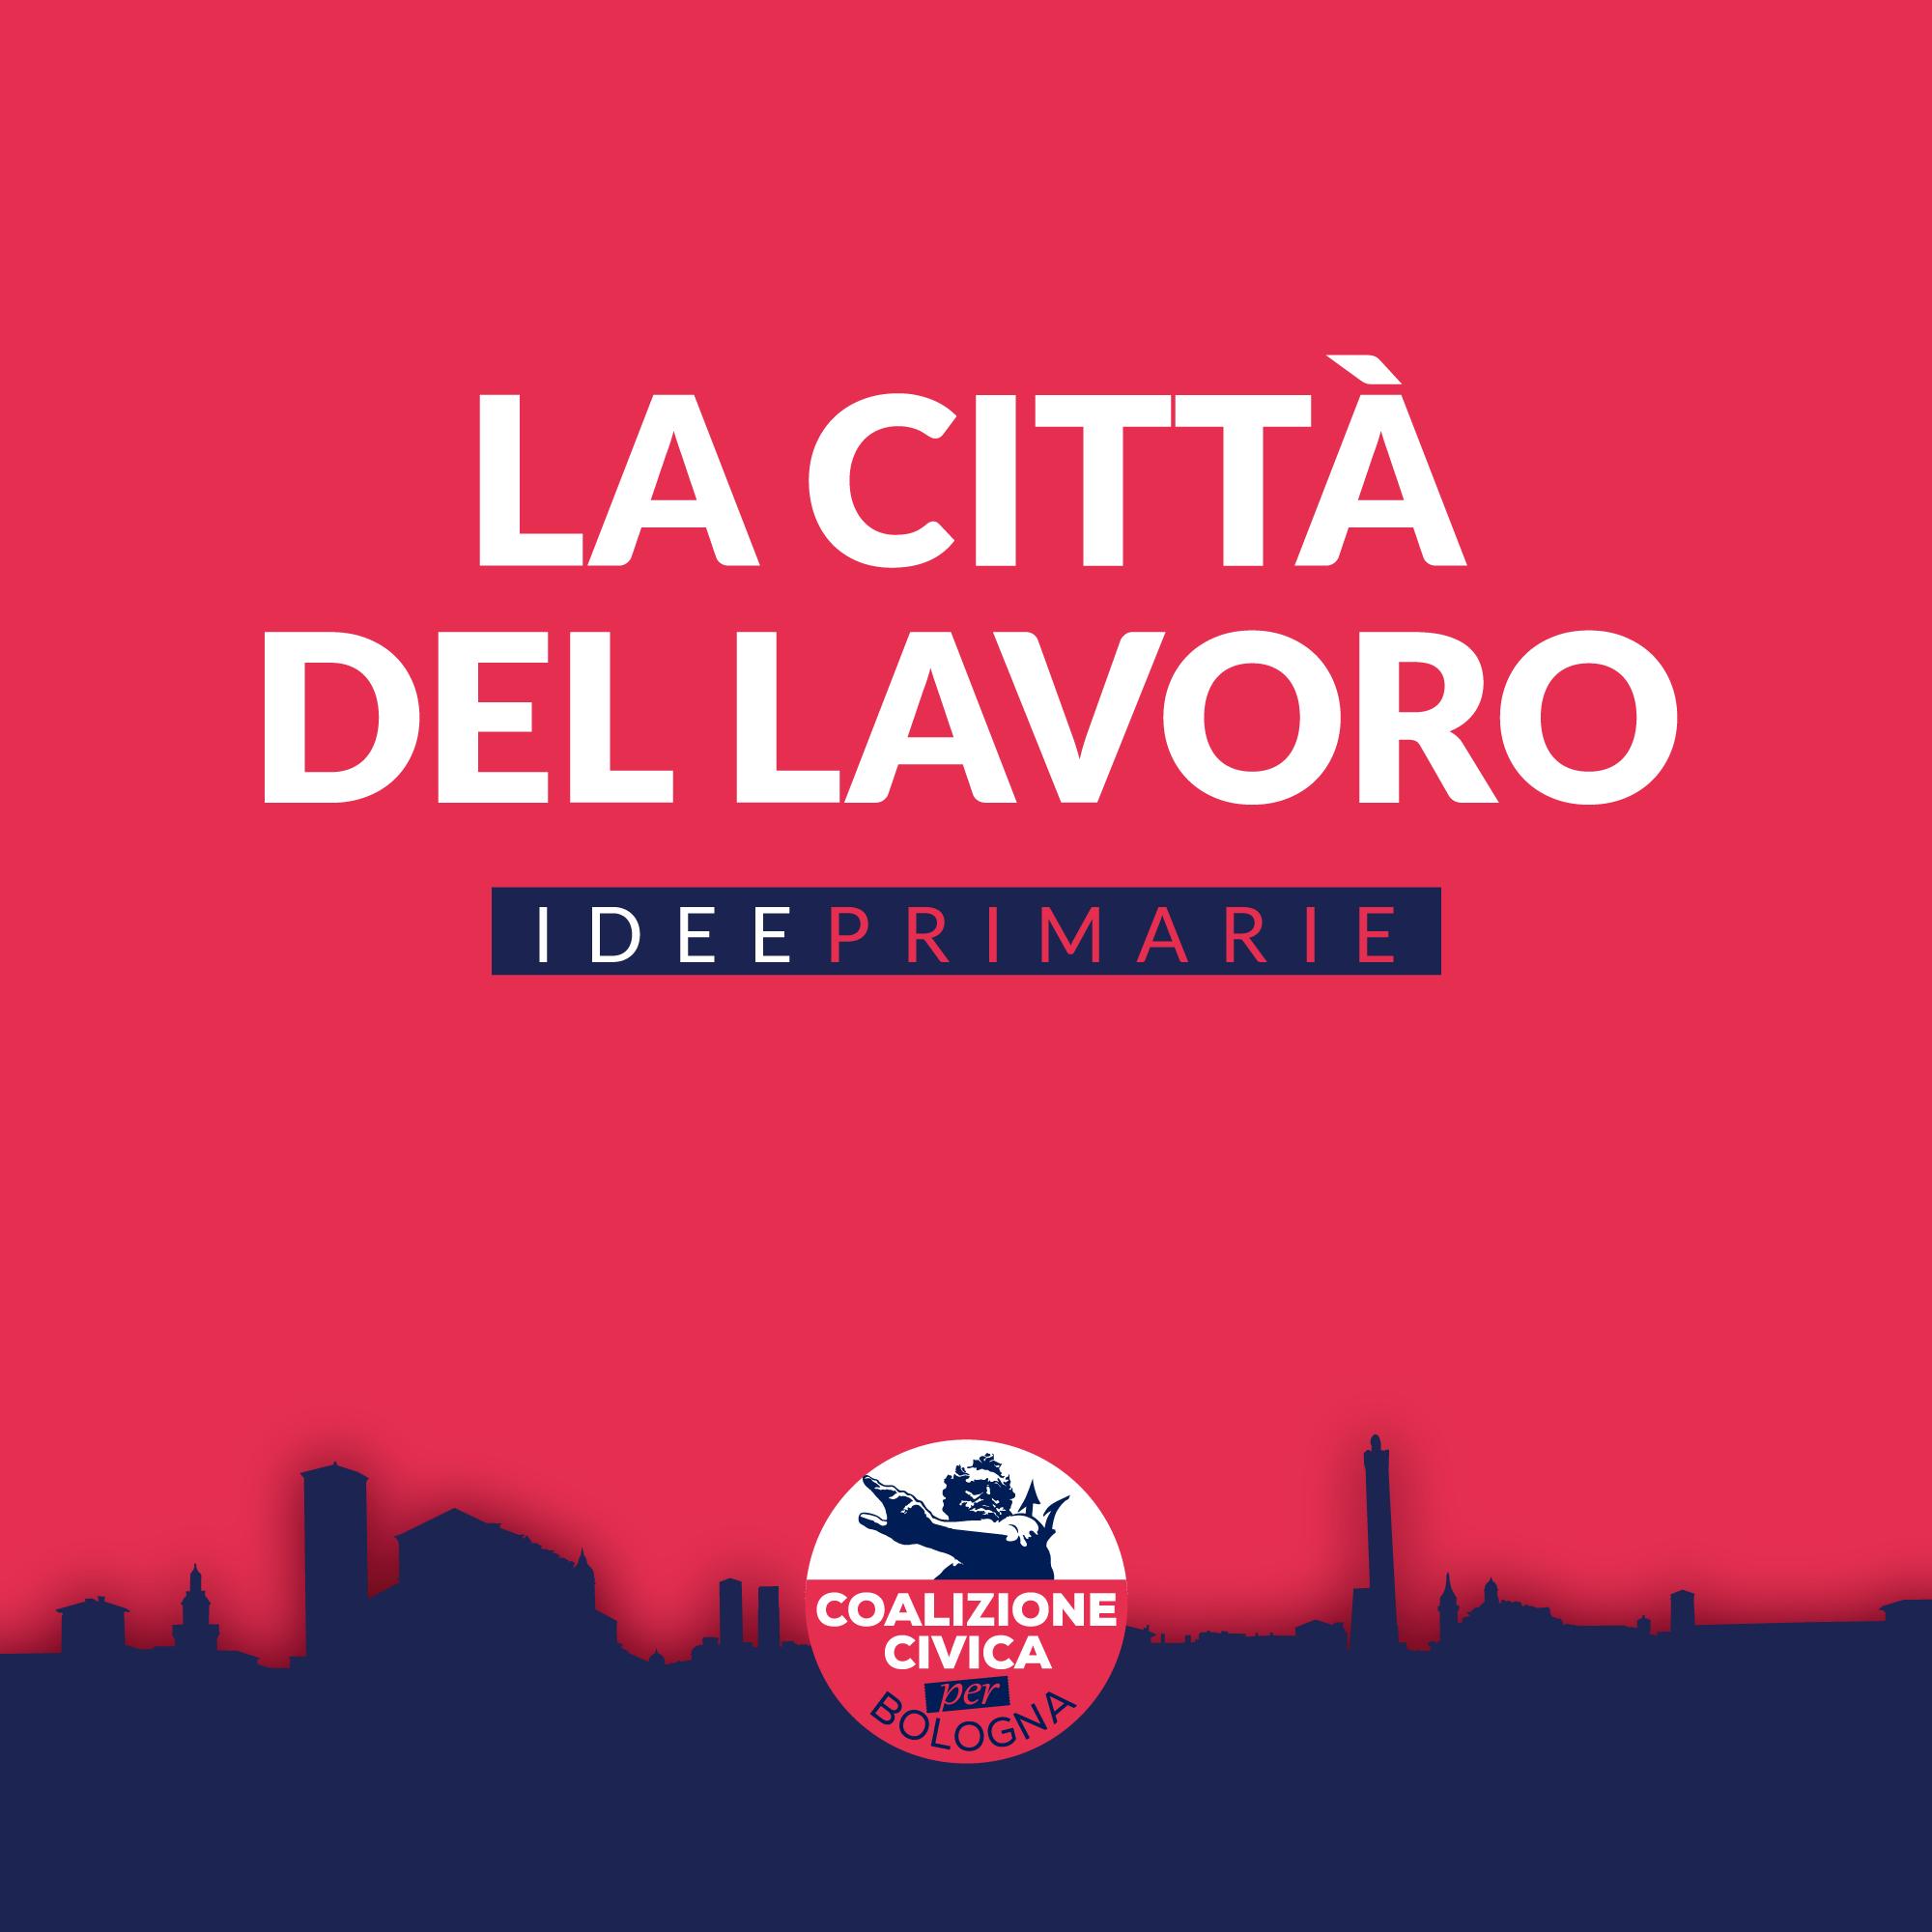 Idee primarie: la città del lavoro